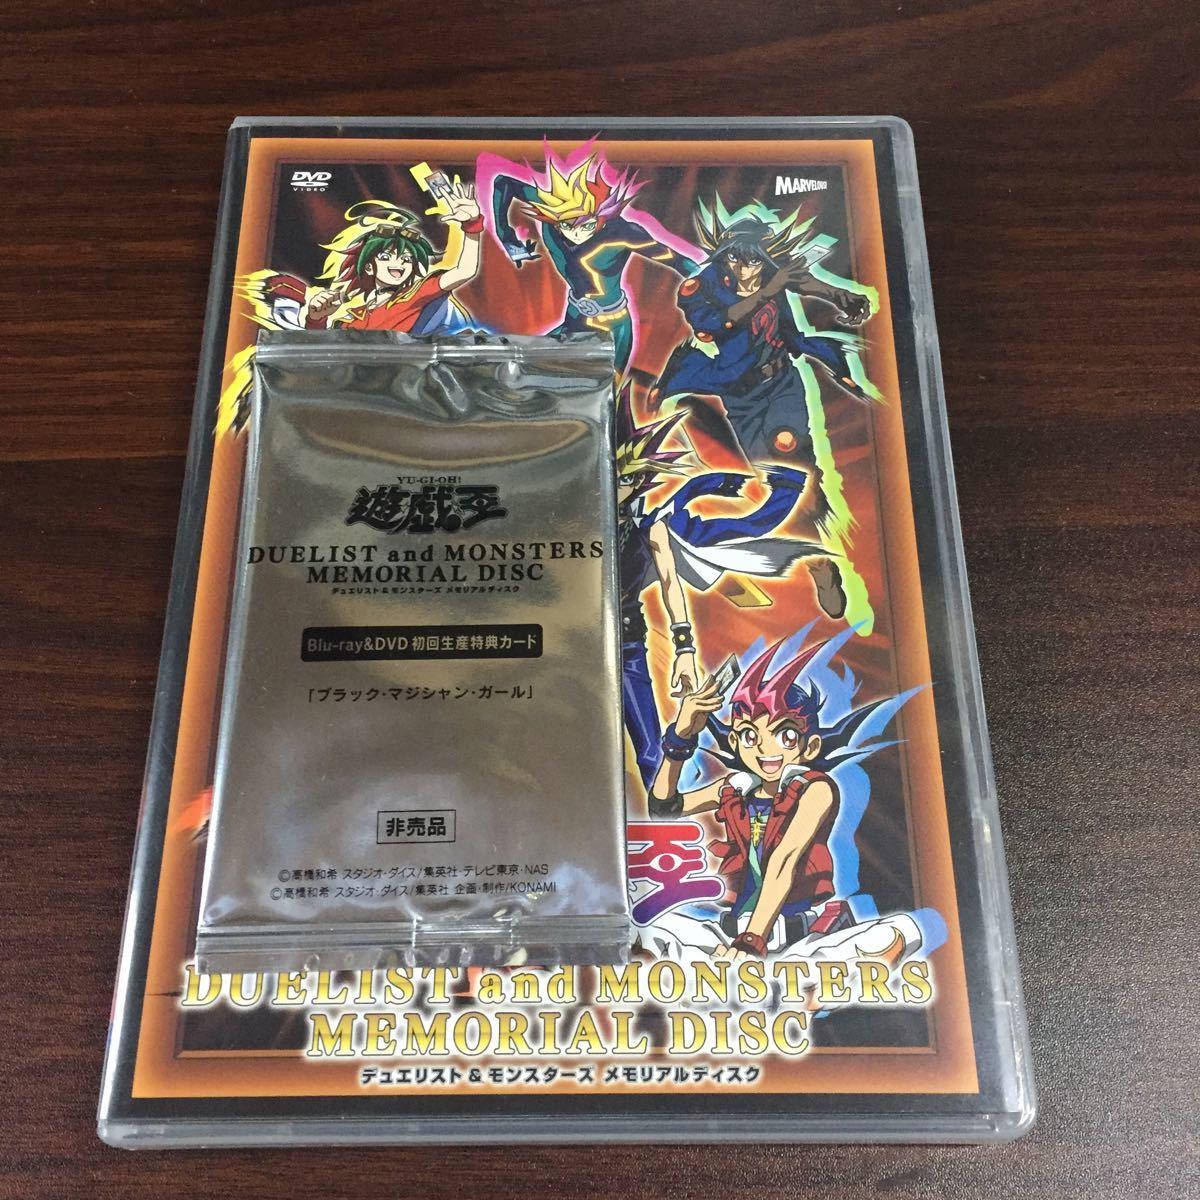 遊戯王 メモリアルディスク 初回特典 ブラックマジシャンガール 20thシークレット_画像1